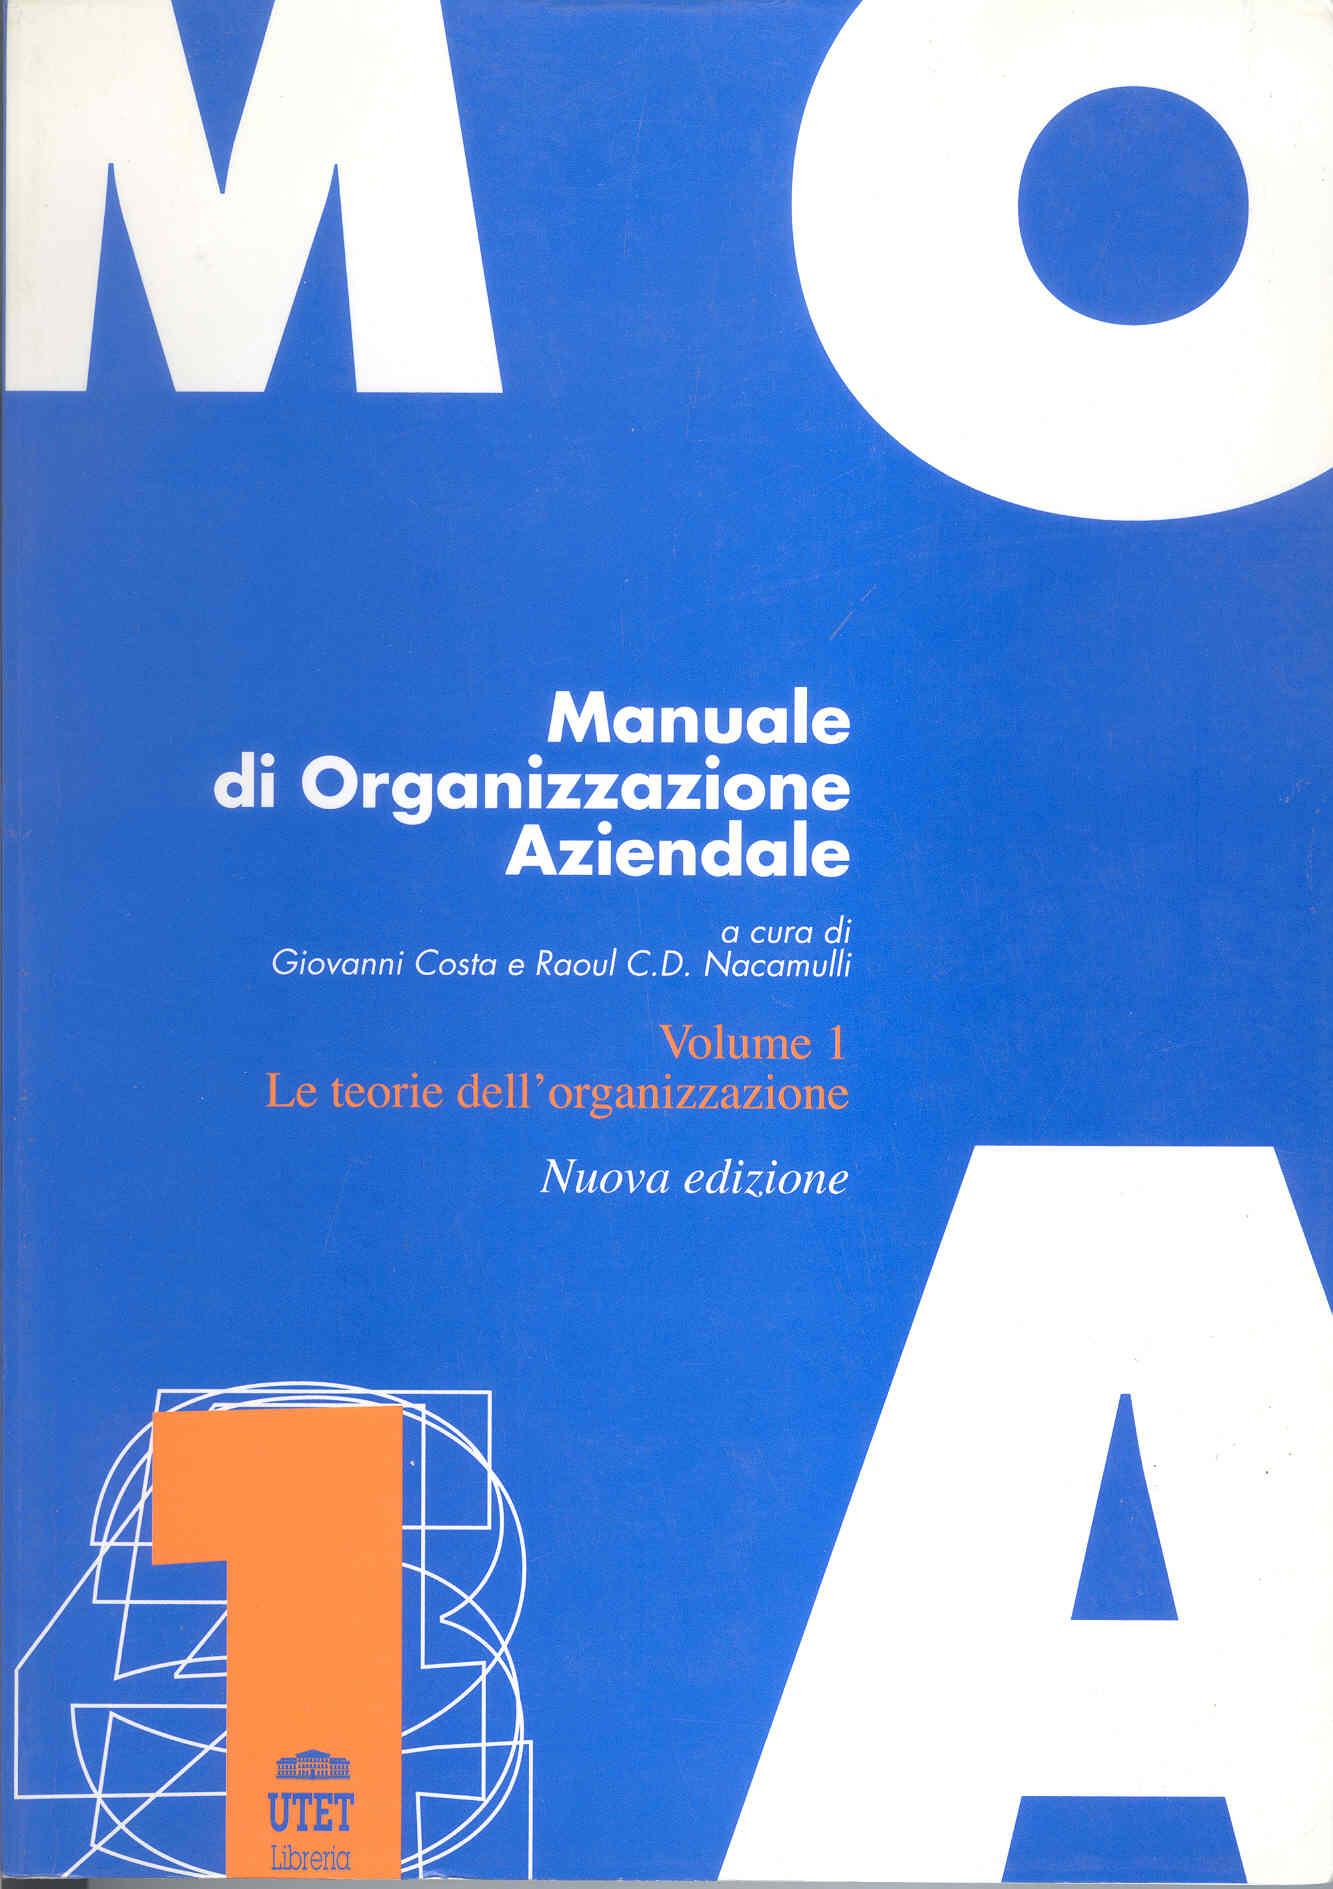 Manuale di organizzazione aziendale - Volume 5